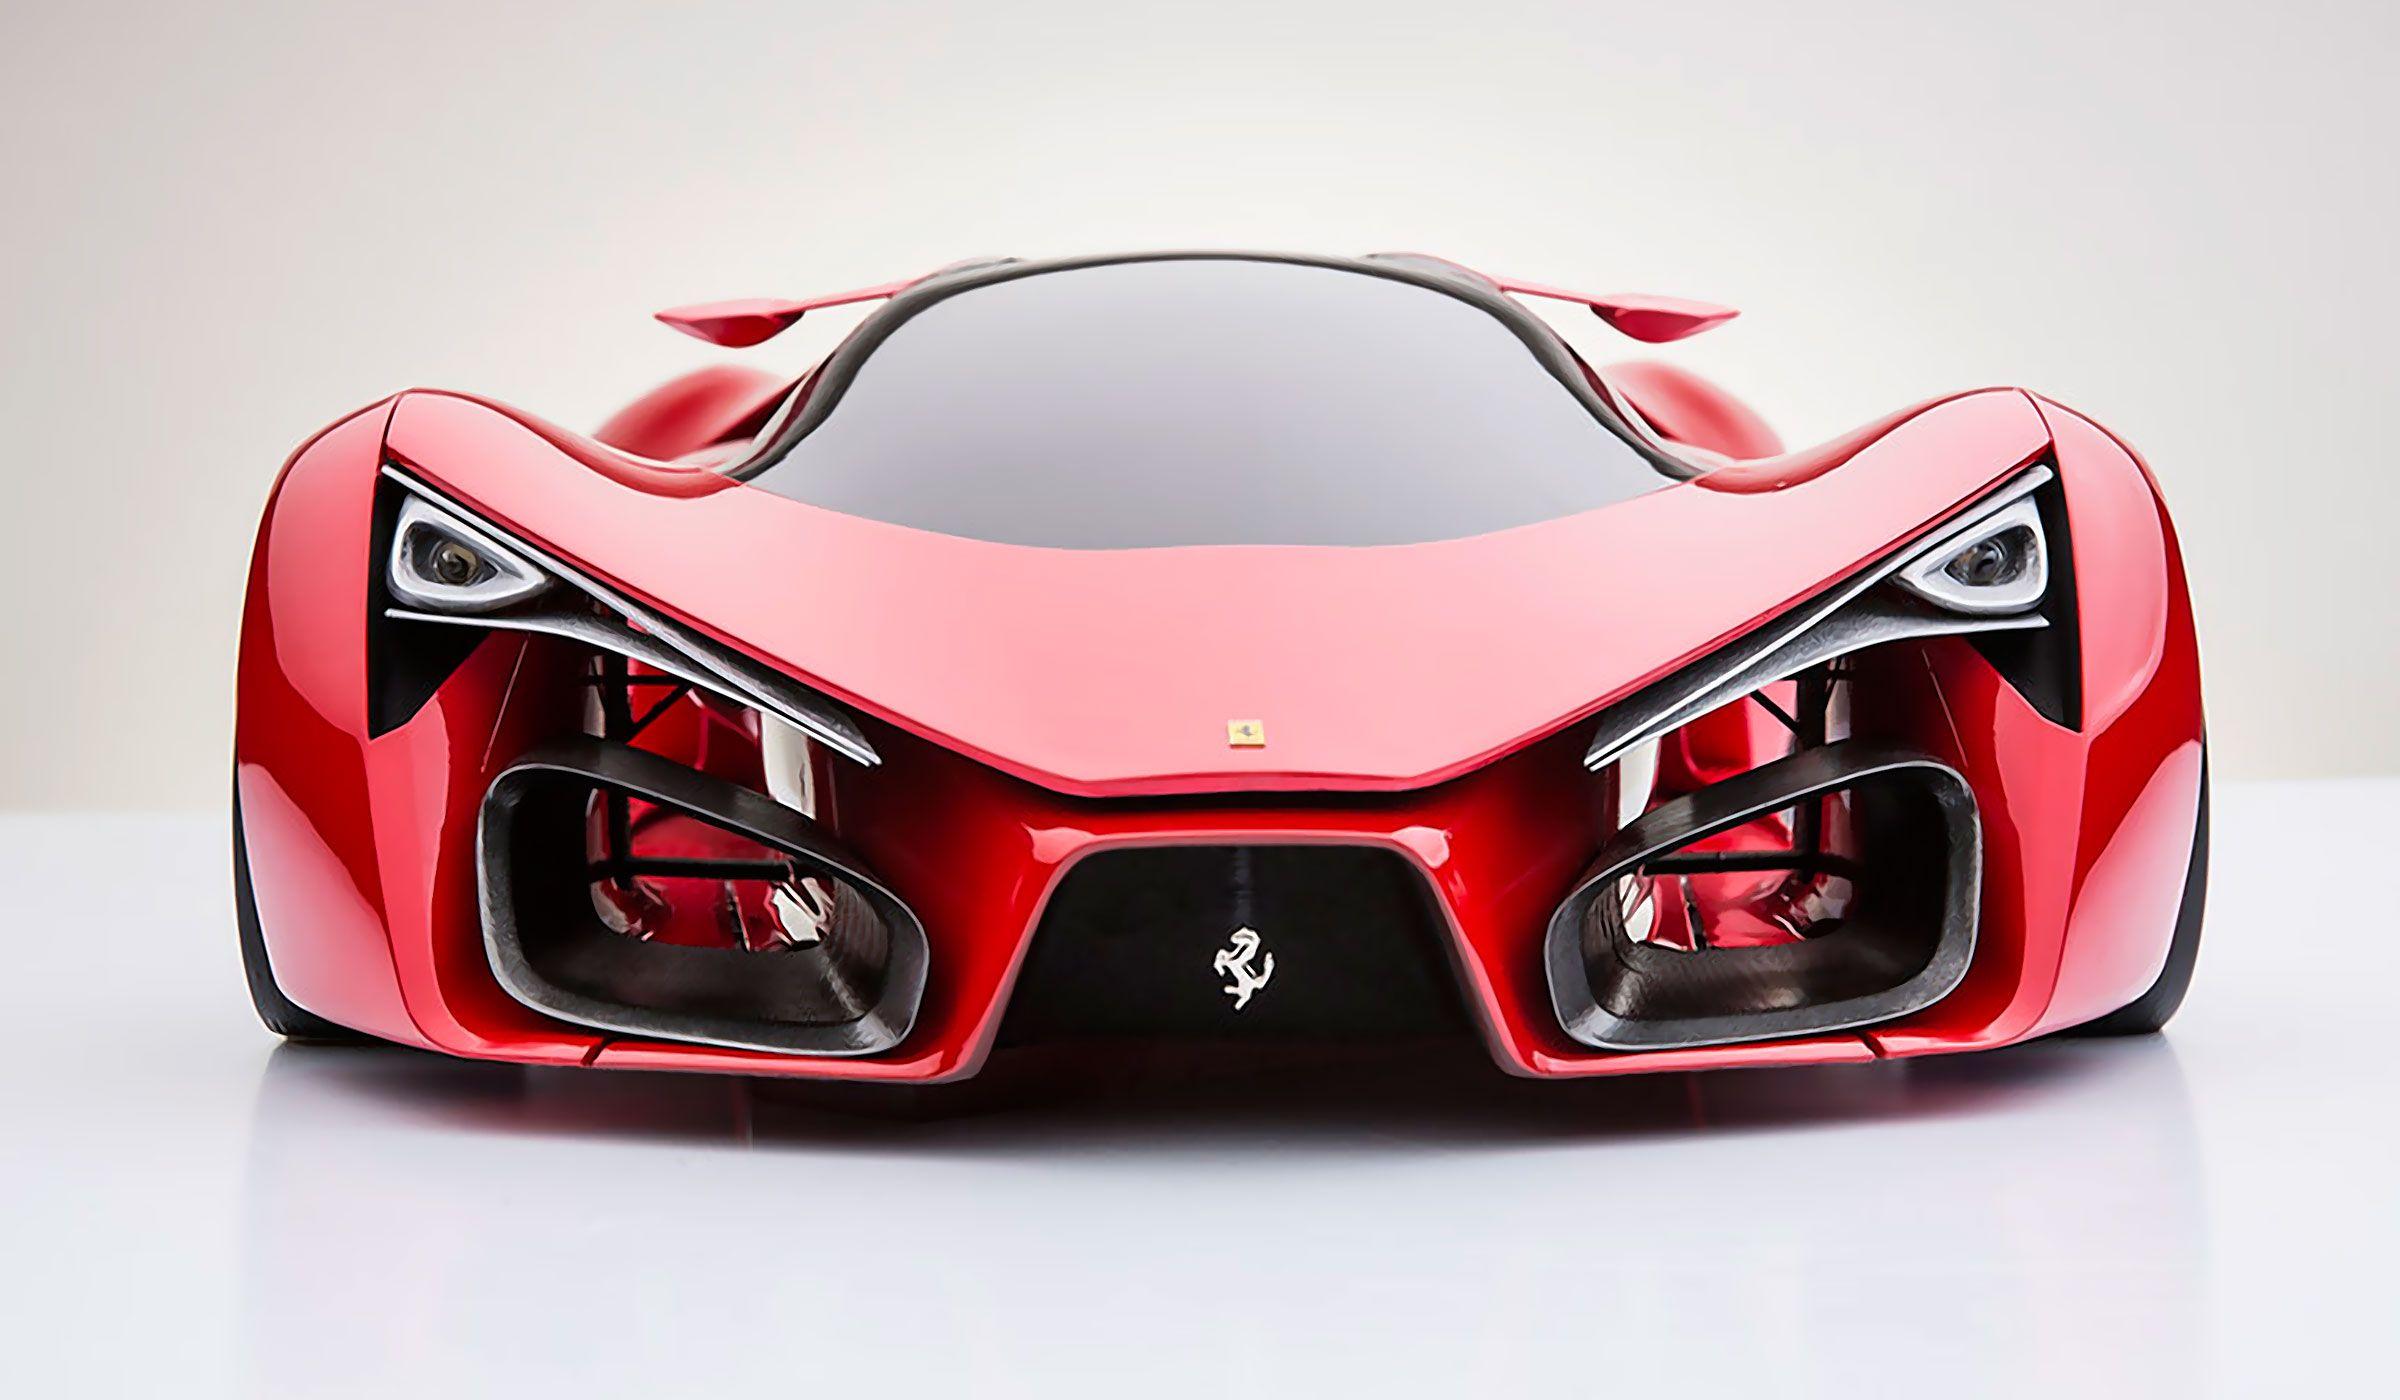 Ferrari F80 Concept By Adrian Oraeli Muted Ferrari F80 Super Cars Ferrari